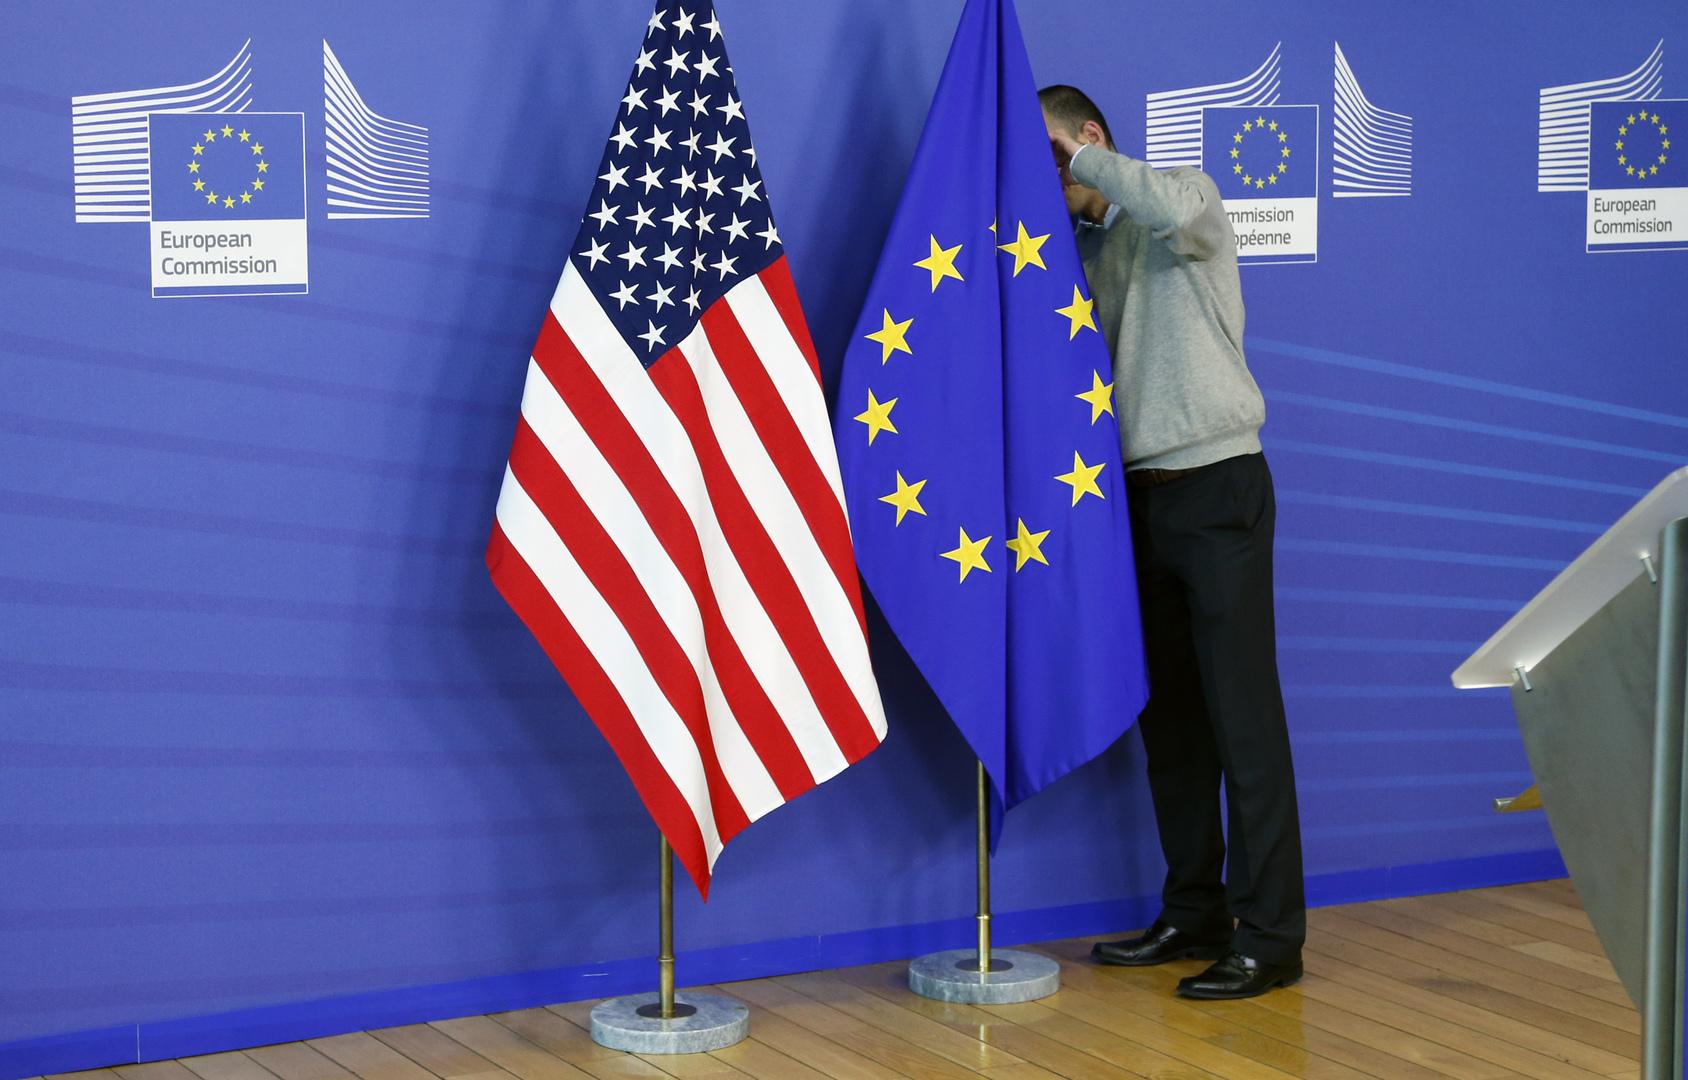 الولايات المتحدة فشلت في تحويل مجموعة السبع إلى تحالف مناهض للصين